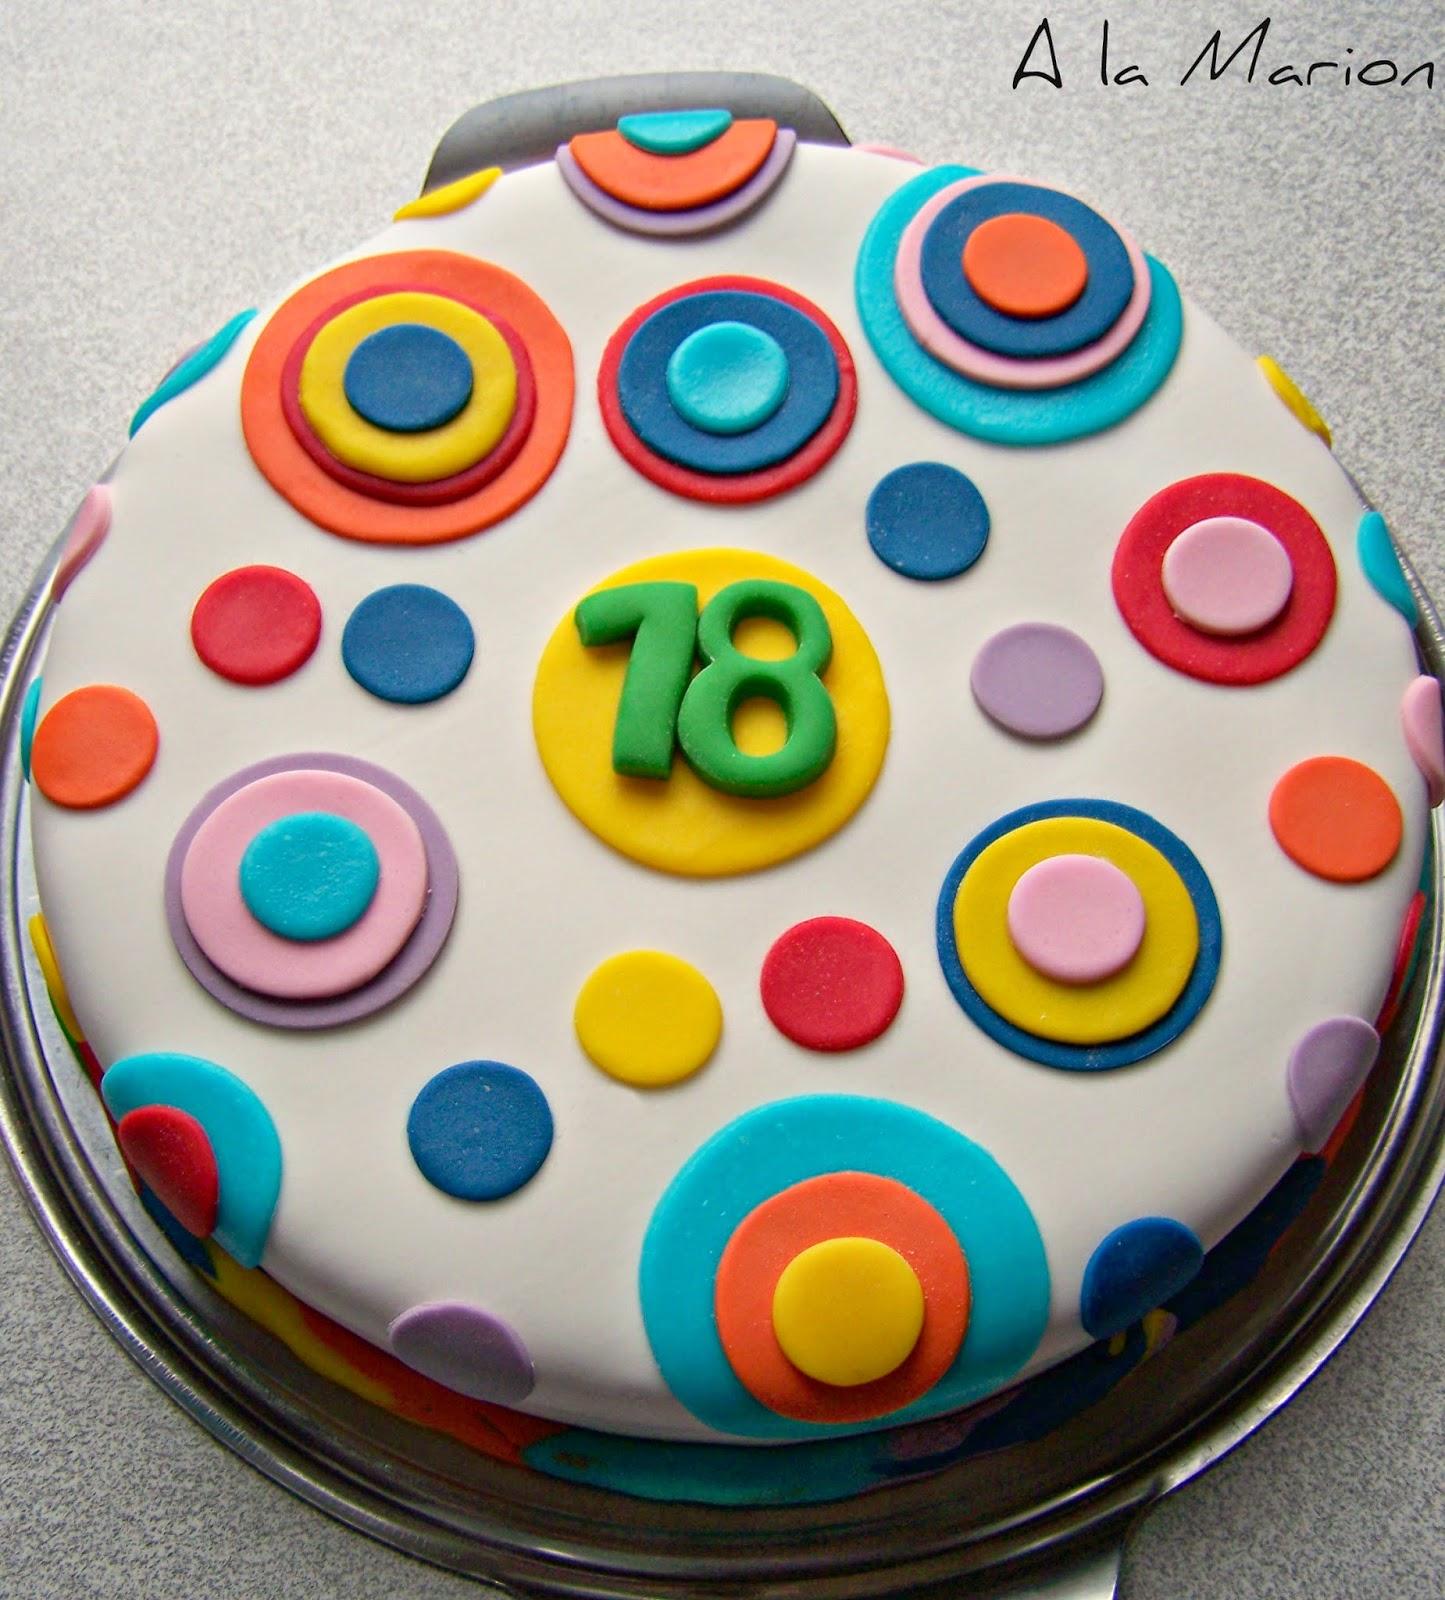 Geburtstagskuchen Zum 18 Geburtstagskuchen 18 Einfach